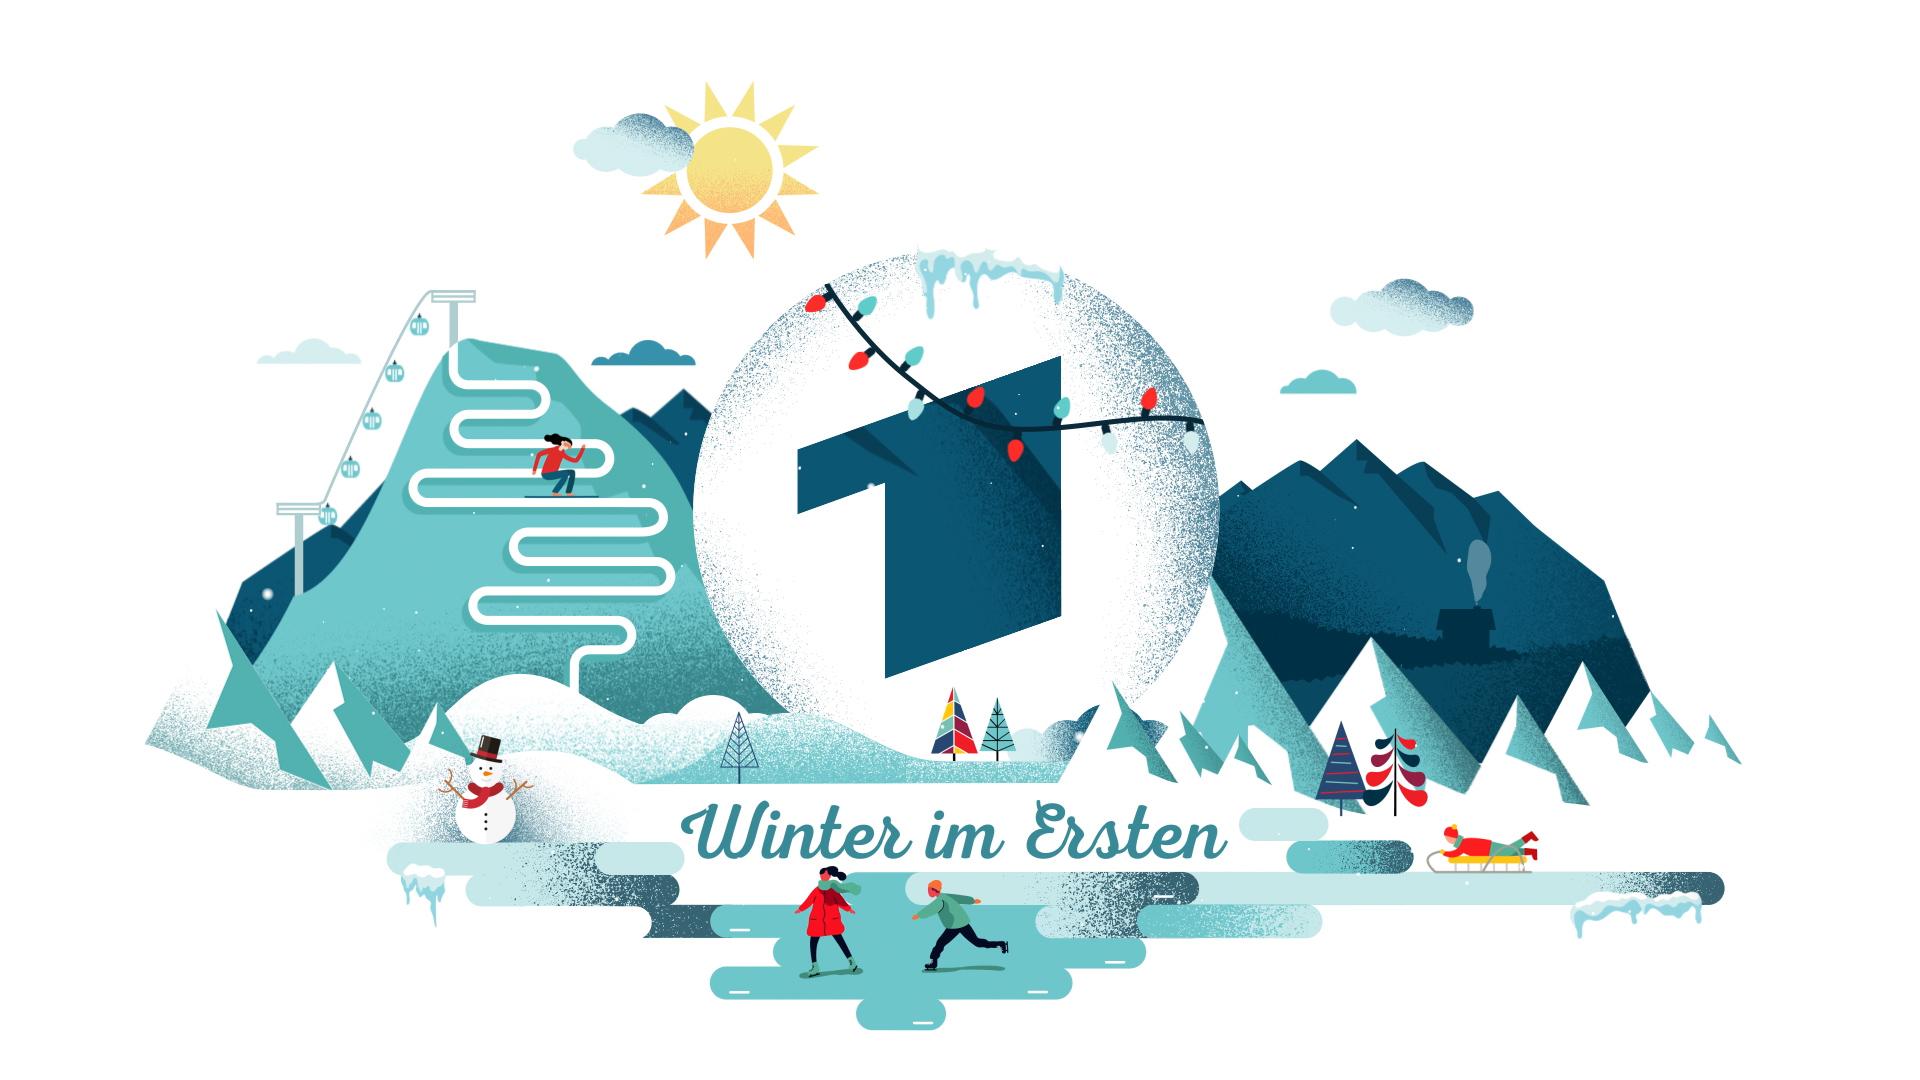 Winter im Ersten